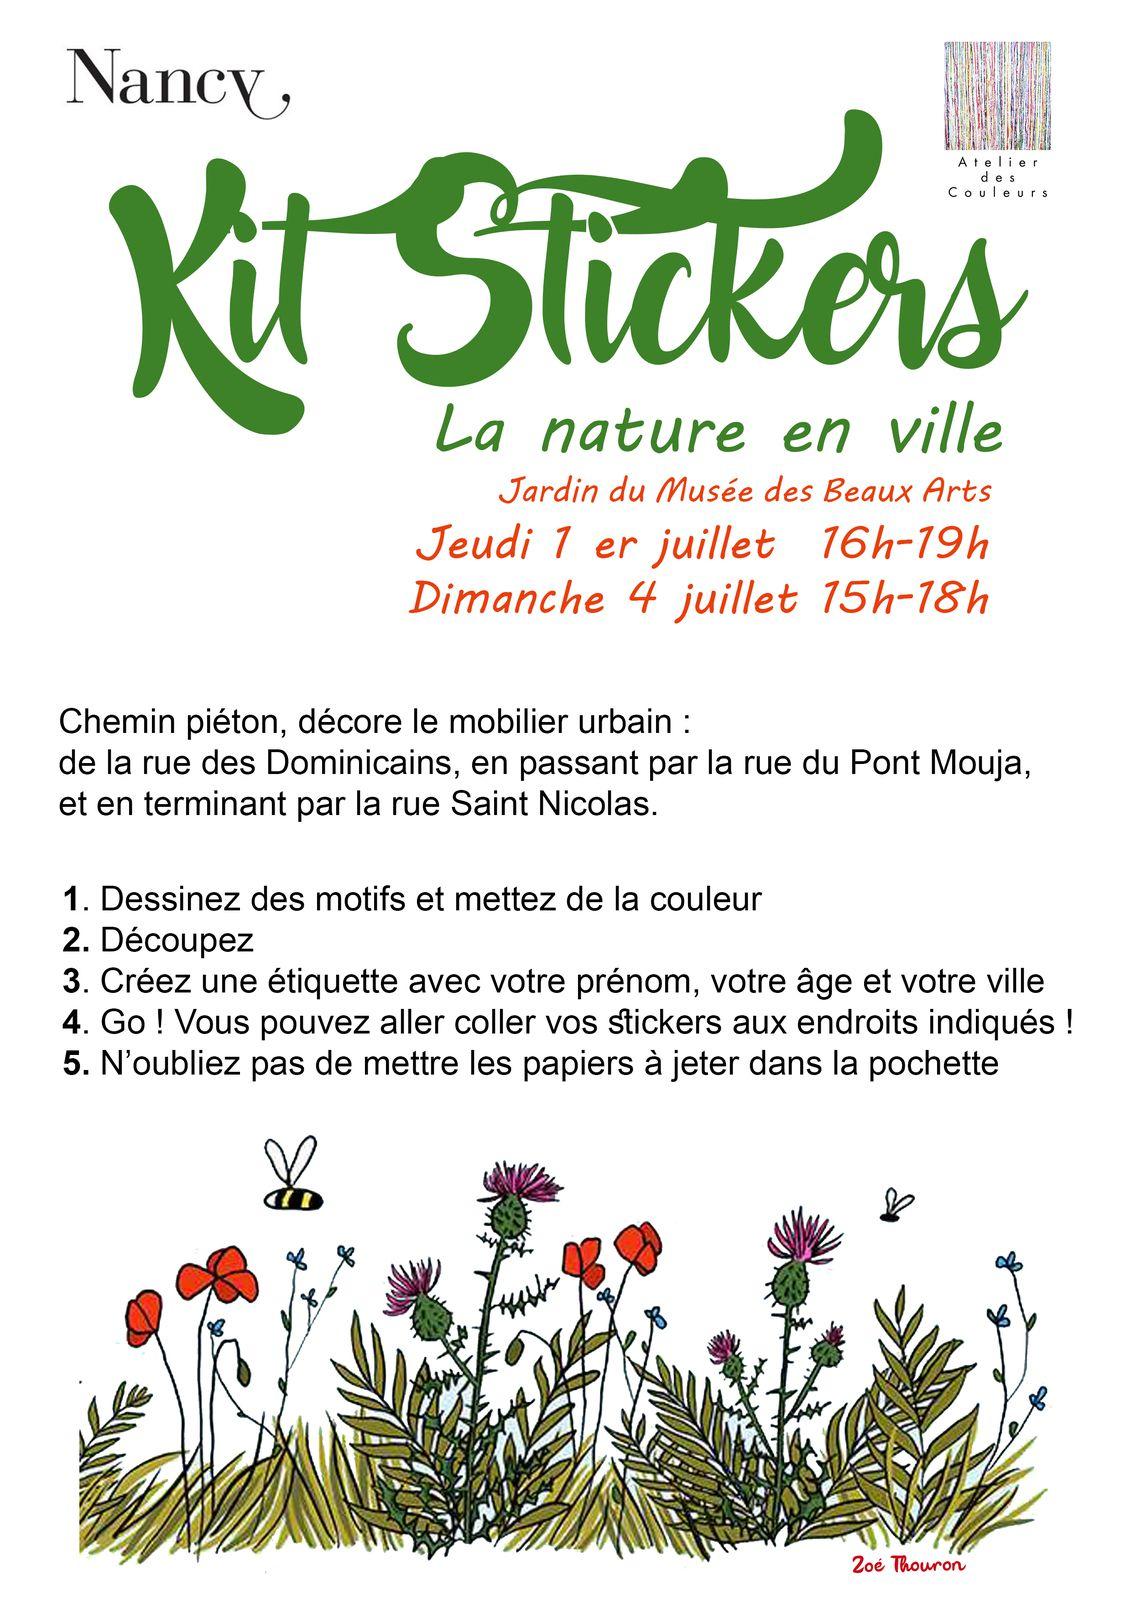 Ateliers Créatifs- Création de stickers au musée